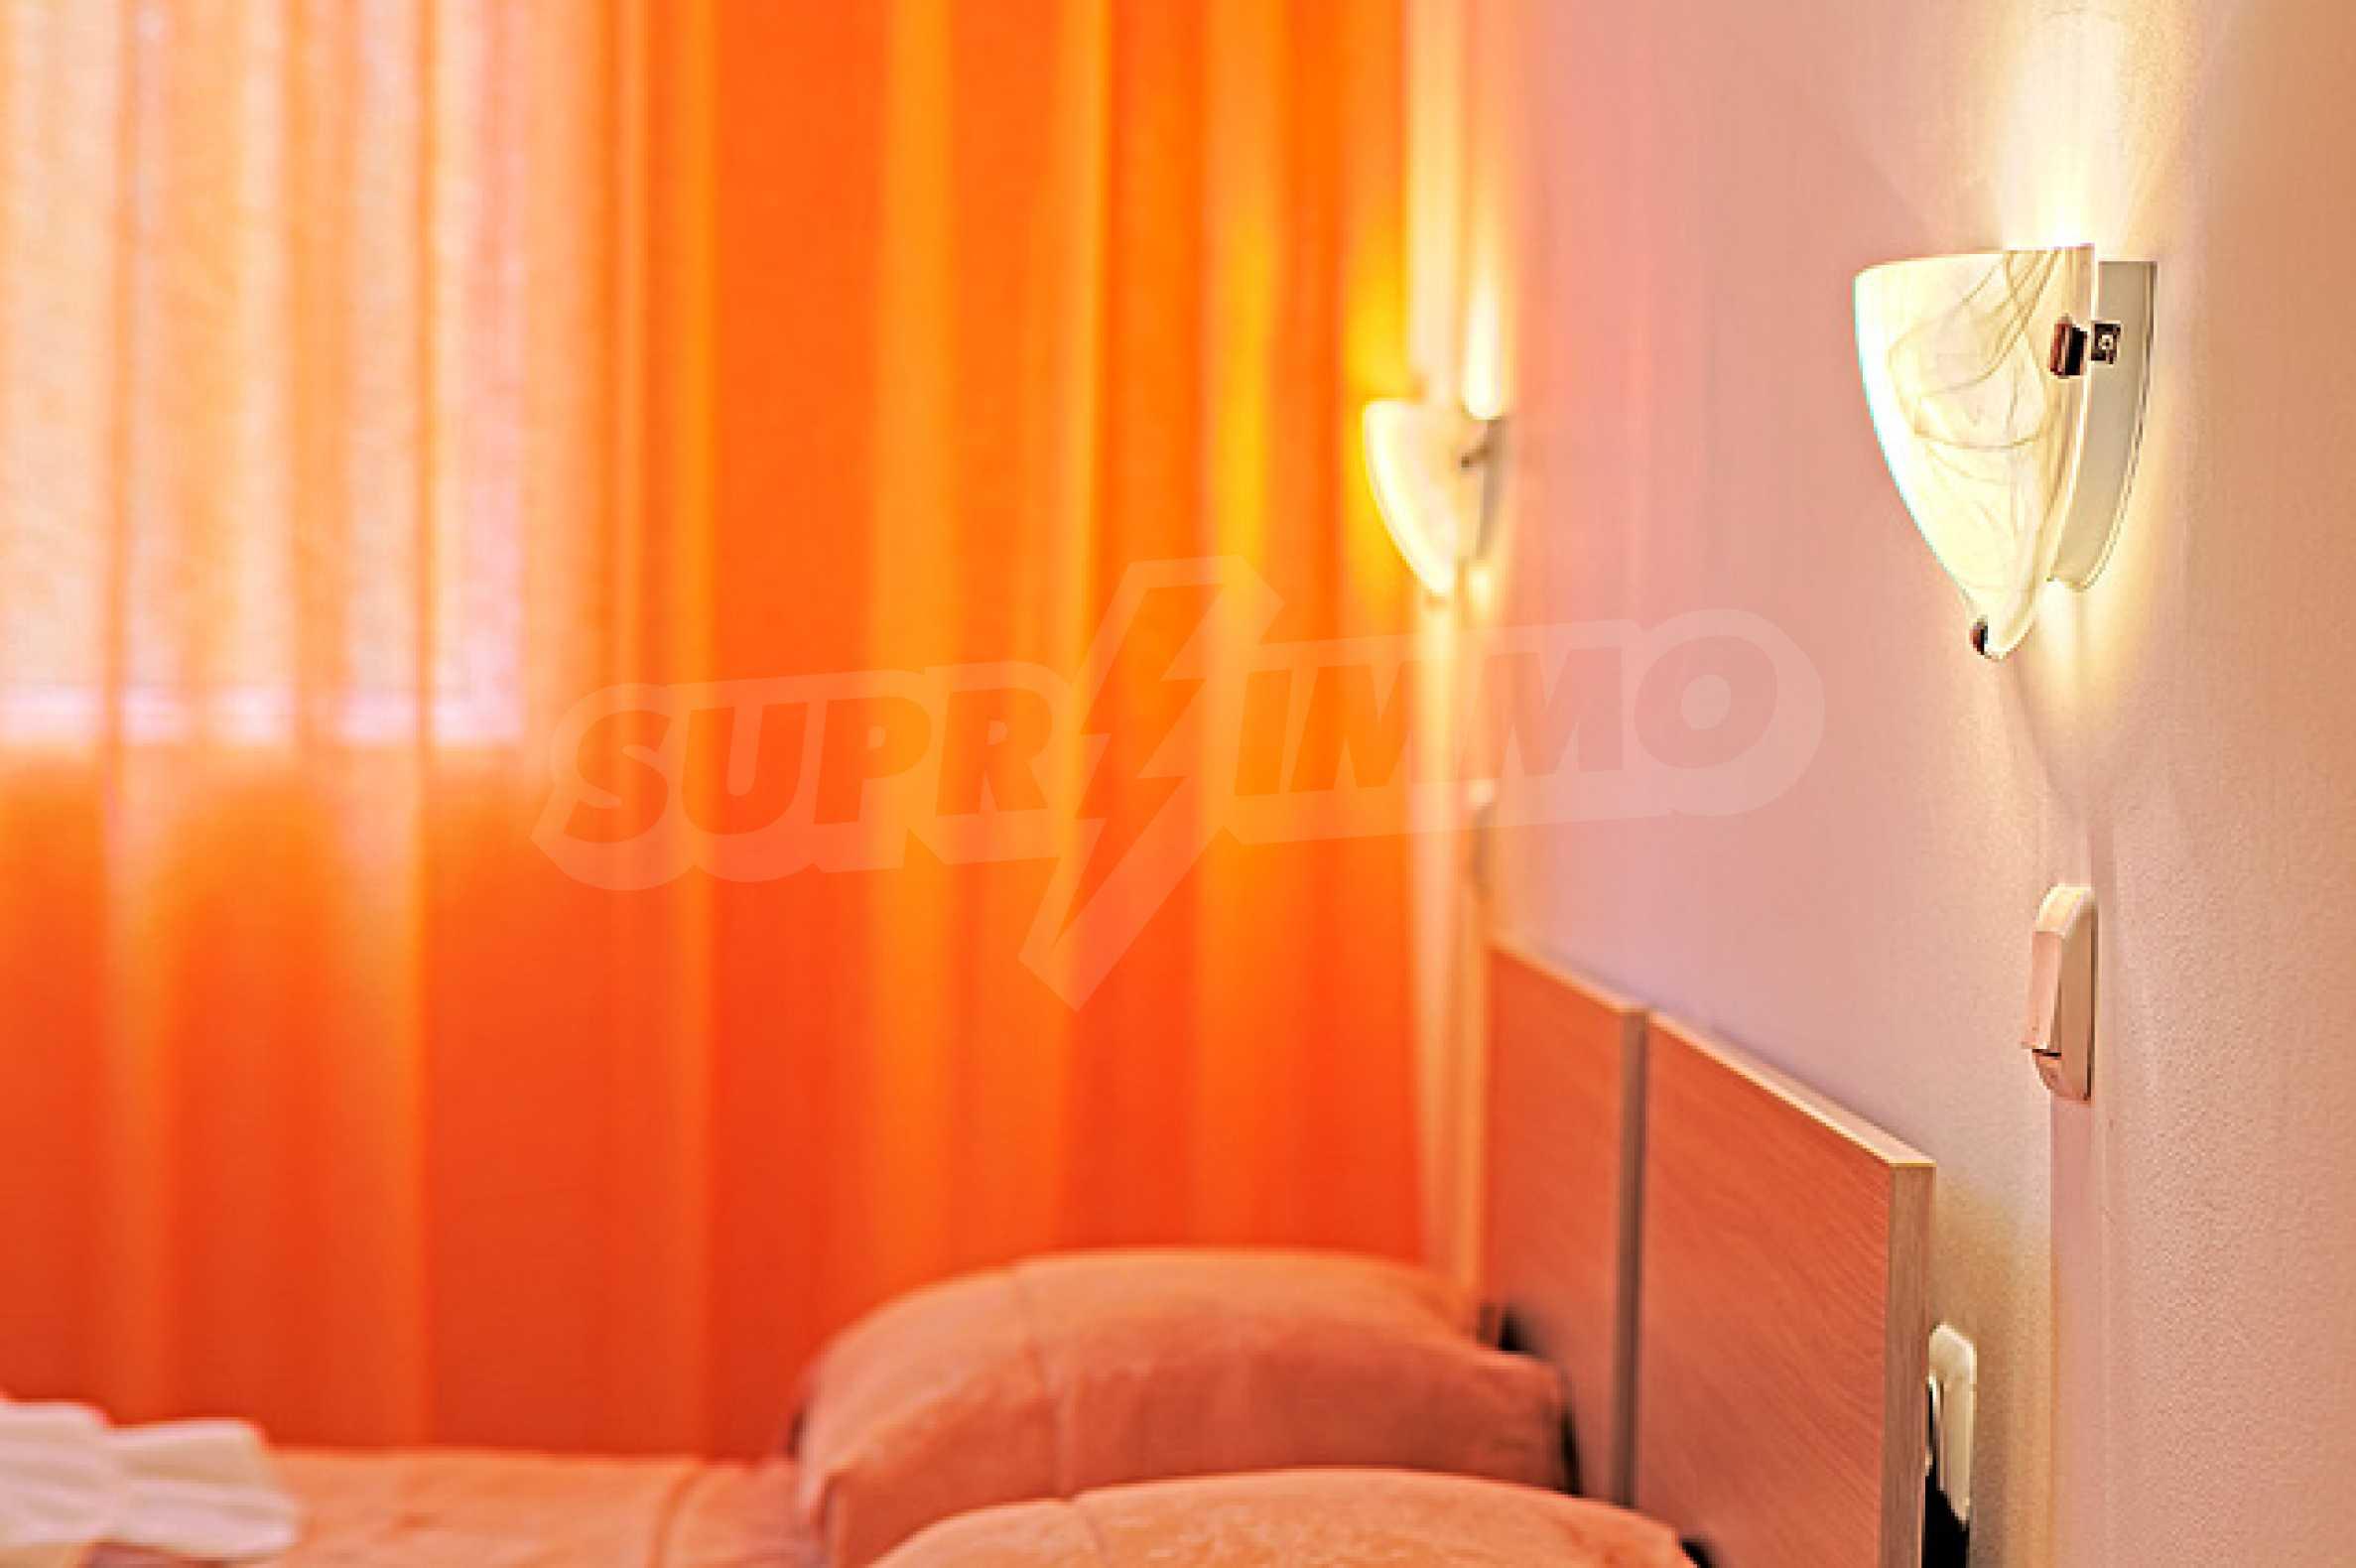 Sunset Kosharitsa - aпартаменти в атрактивен комплекс сред планината и морето, на 5 минути с кола от Слънчев бряг 23